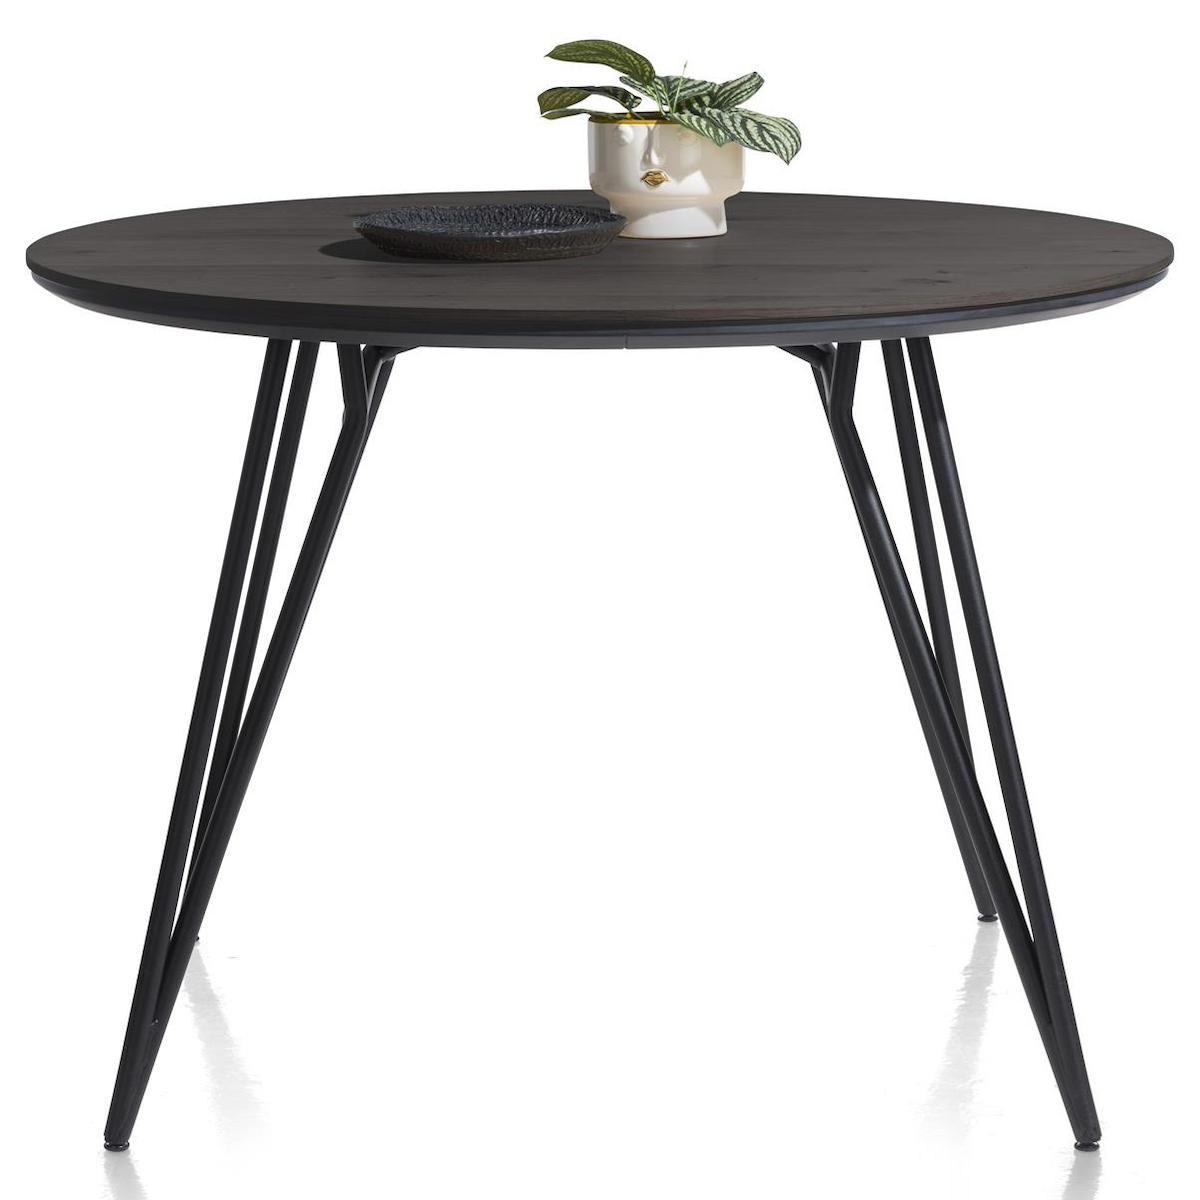 Table de bar 130cm VIK Xooon onyx